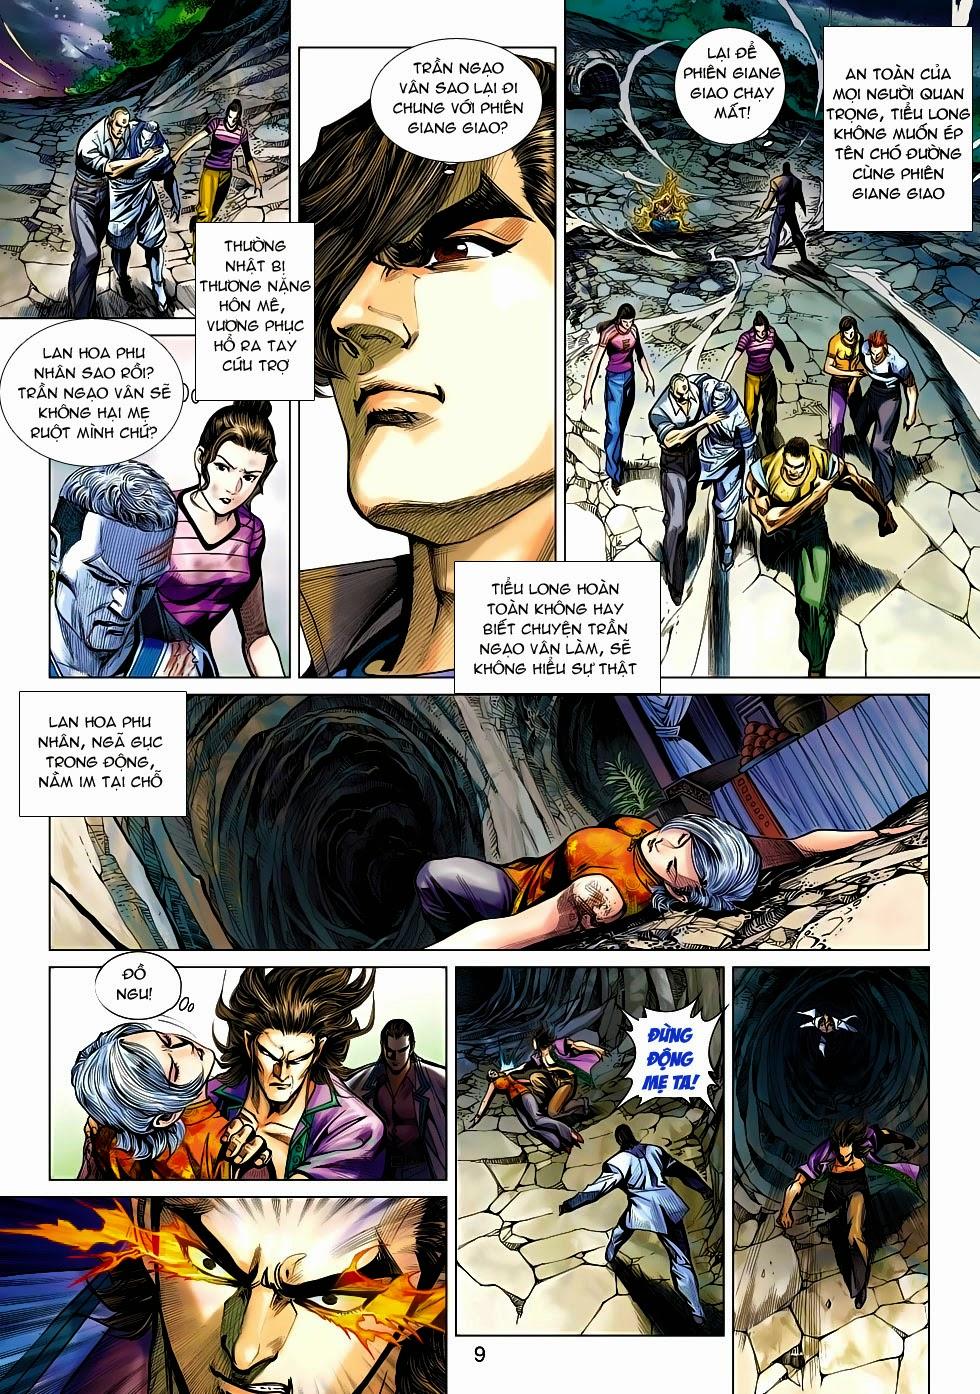 Tân Tác Long Hổ Môn chap 470 - Trang 9